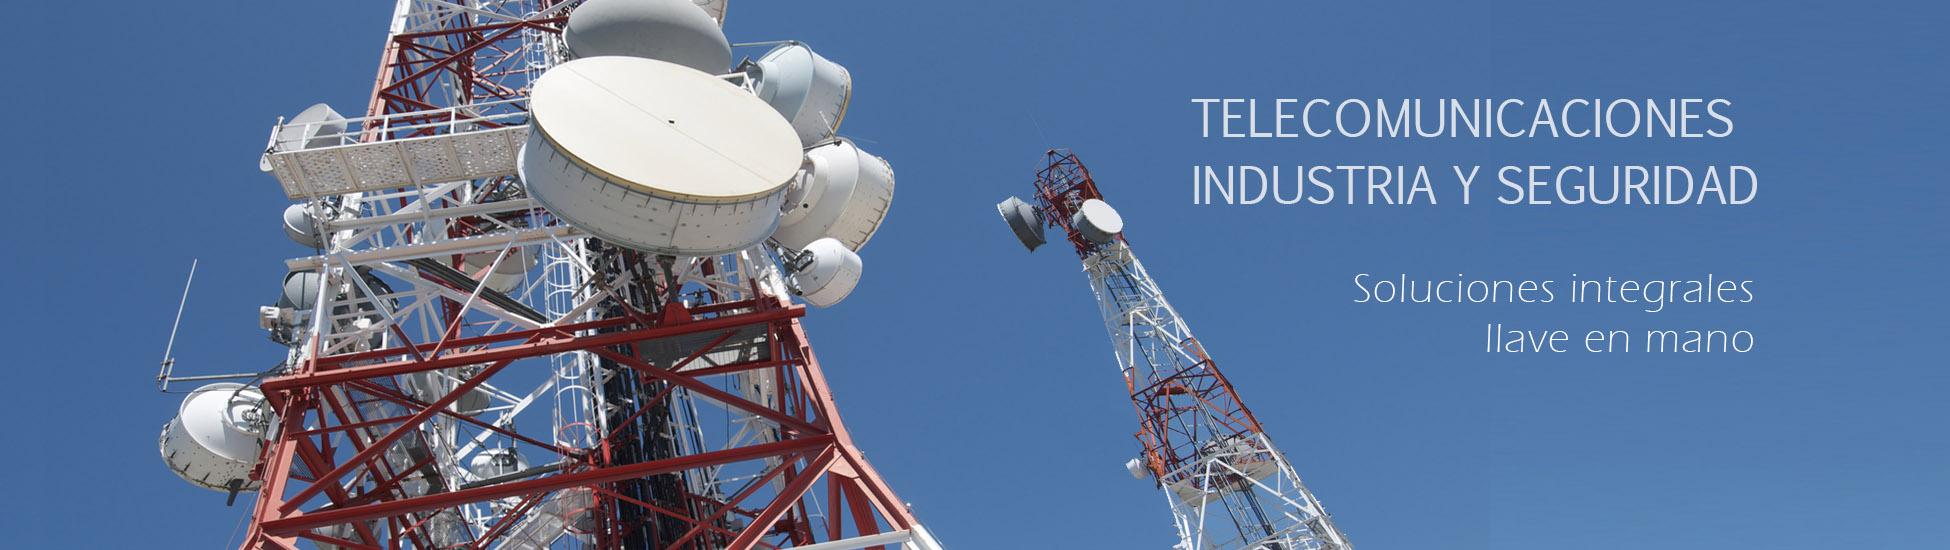 telecomunicaciones industria y seguridad